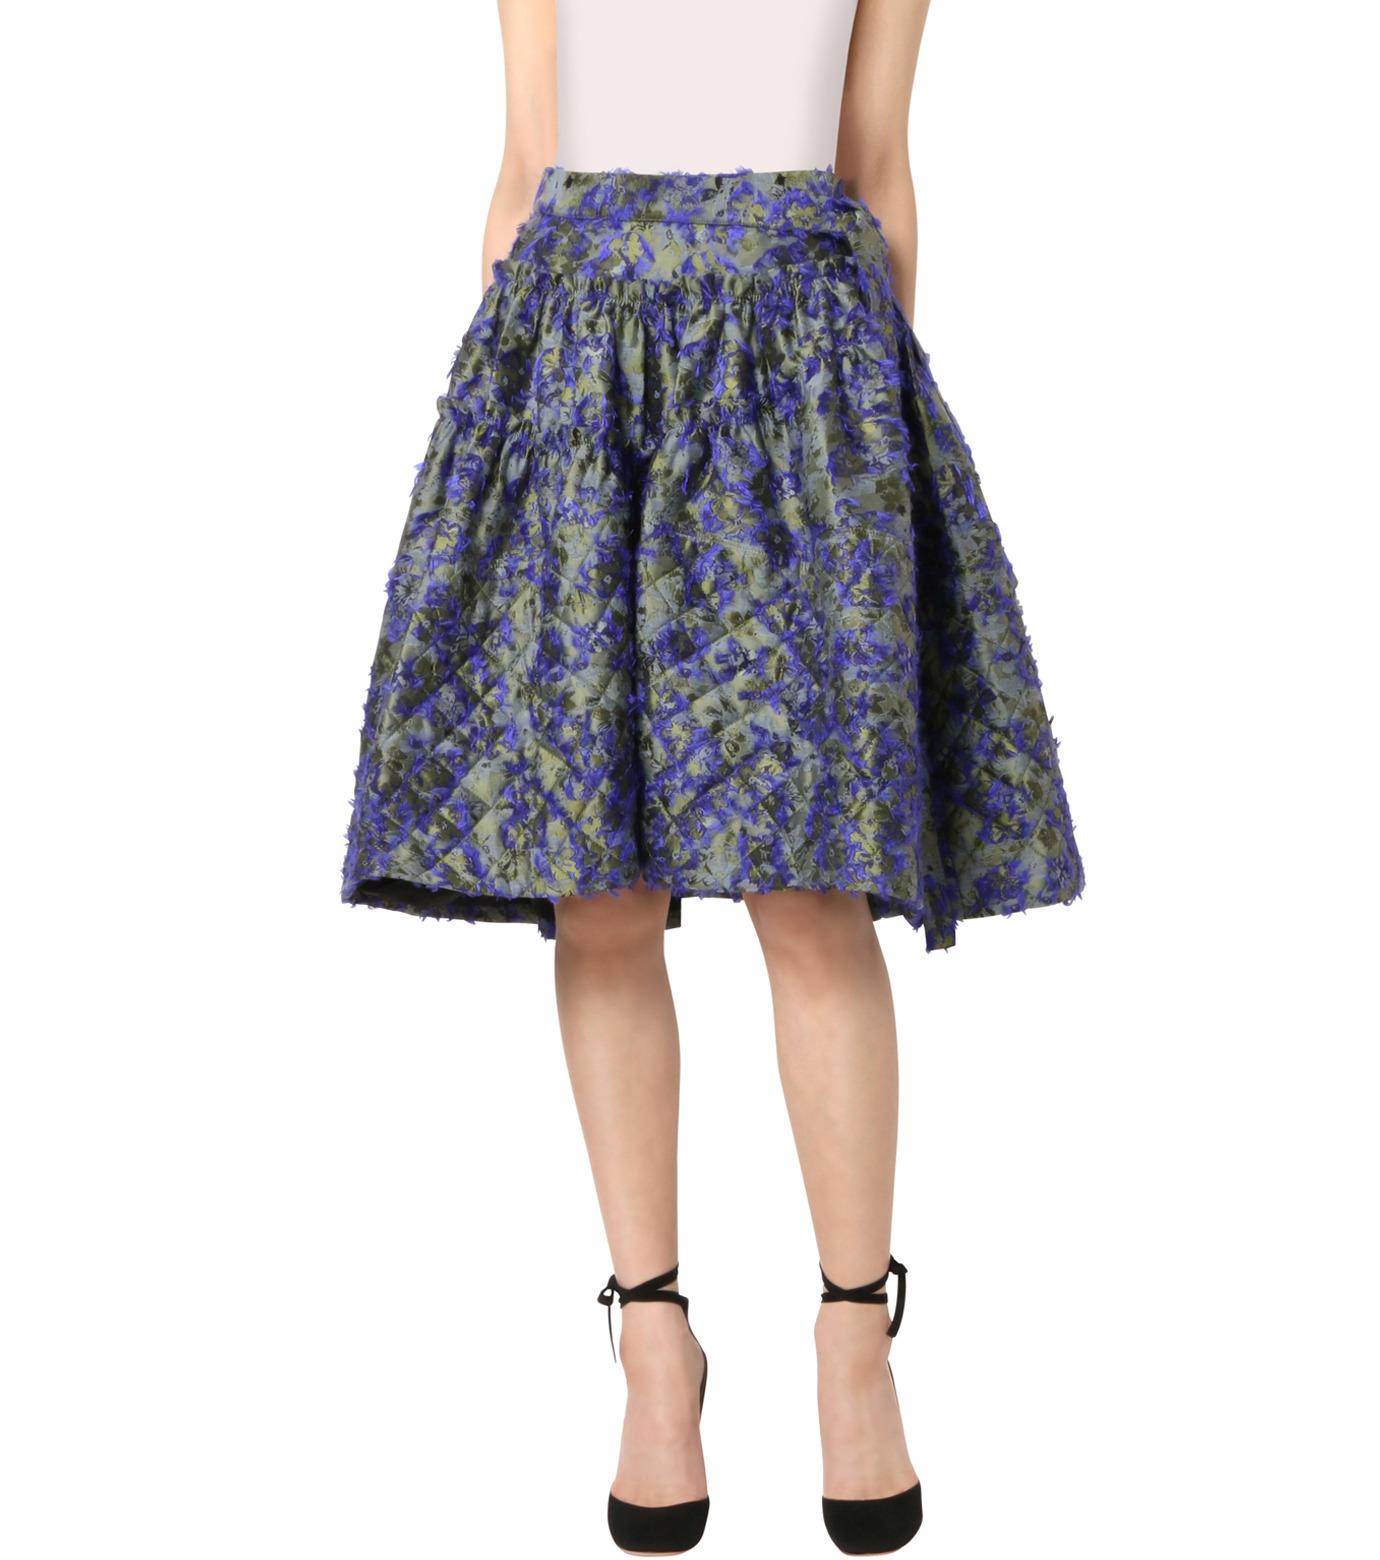 Jourden(ジョーダン)のCobalt Asym. Duvet Ruffle Skirt-BLUE(スカート/skirt)-1603WJ1JA03-92 拡大詳細画像1